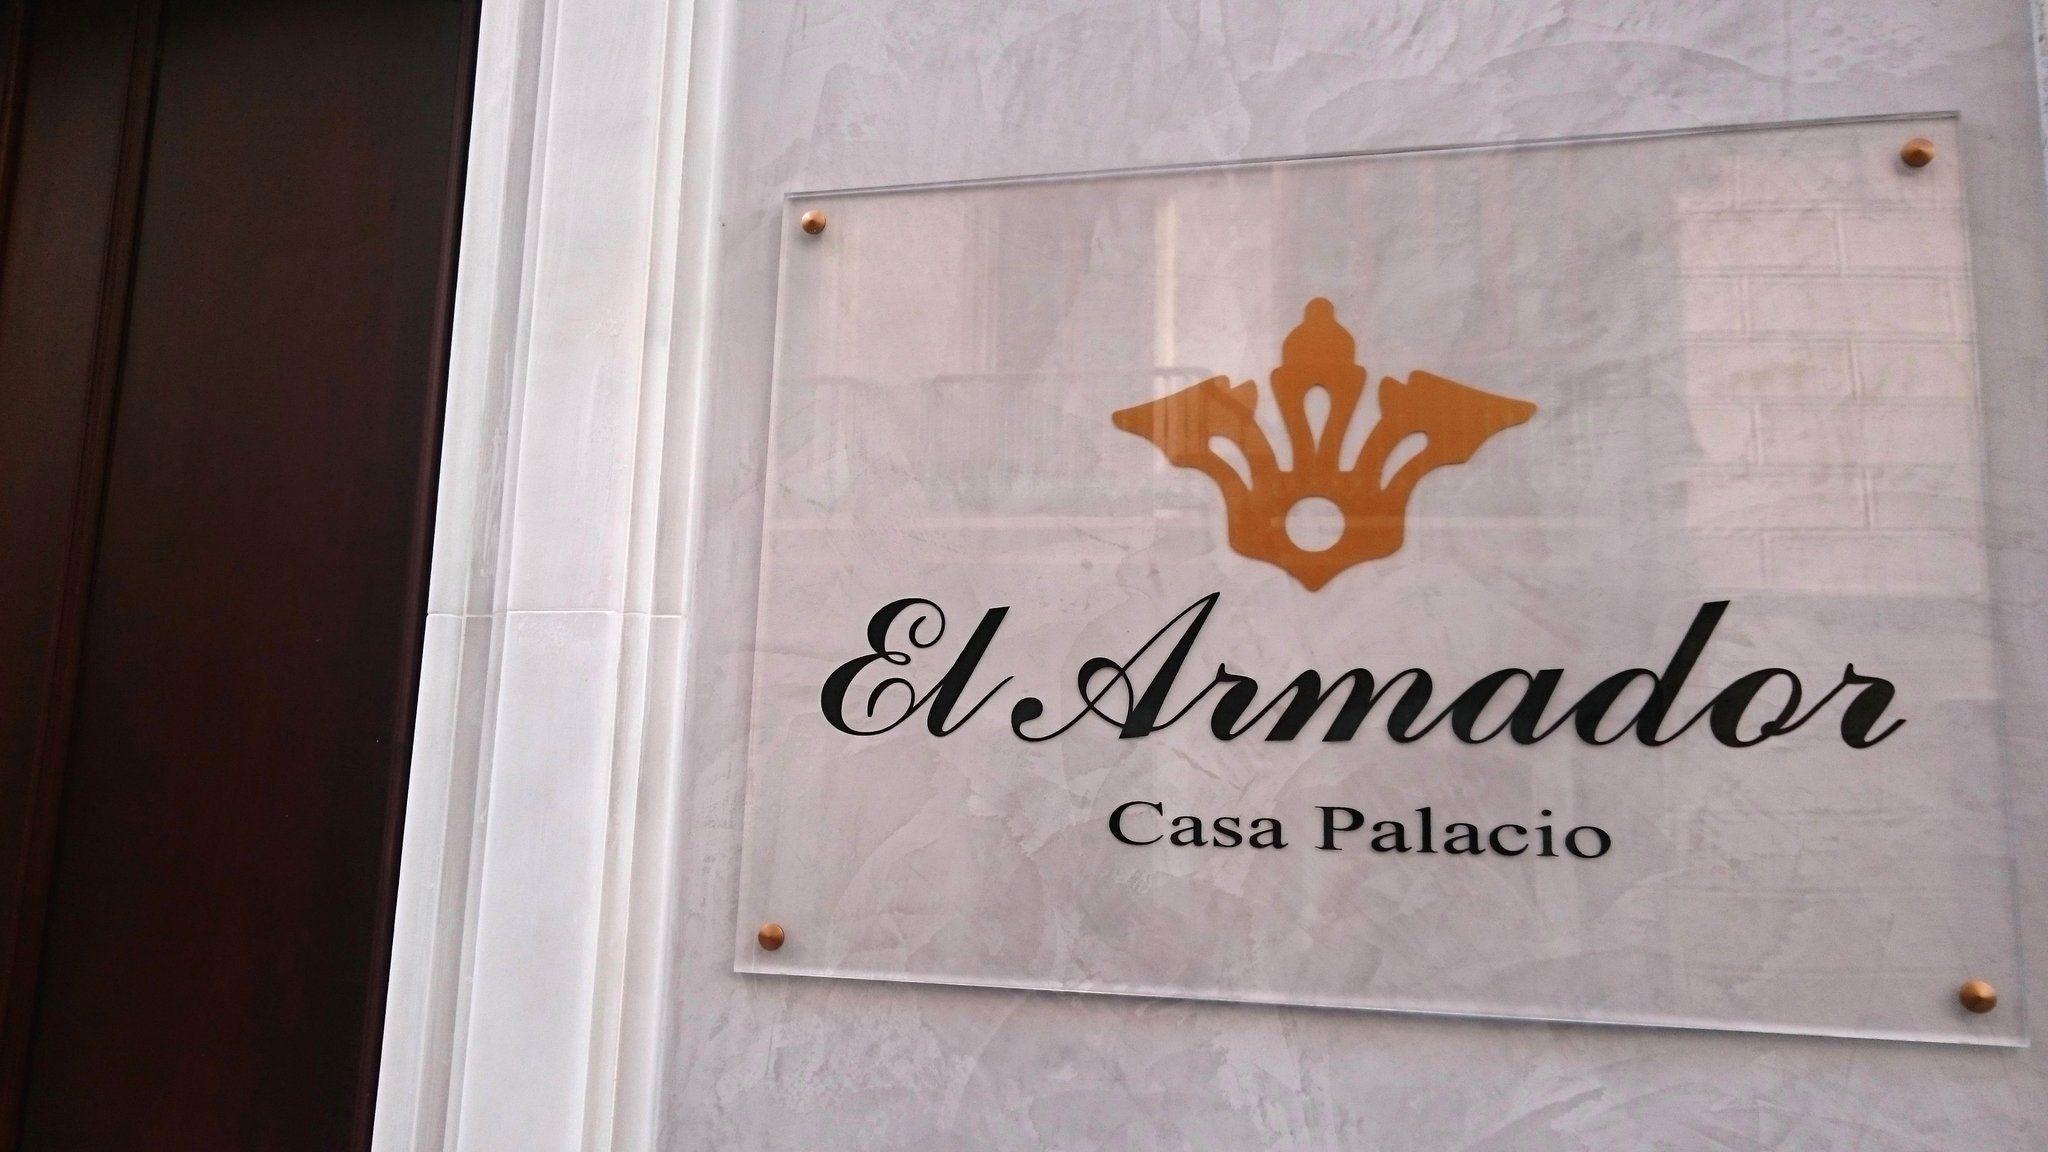 艾爾阿瑪多帕拉西奧公寓